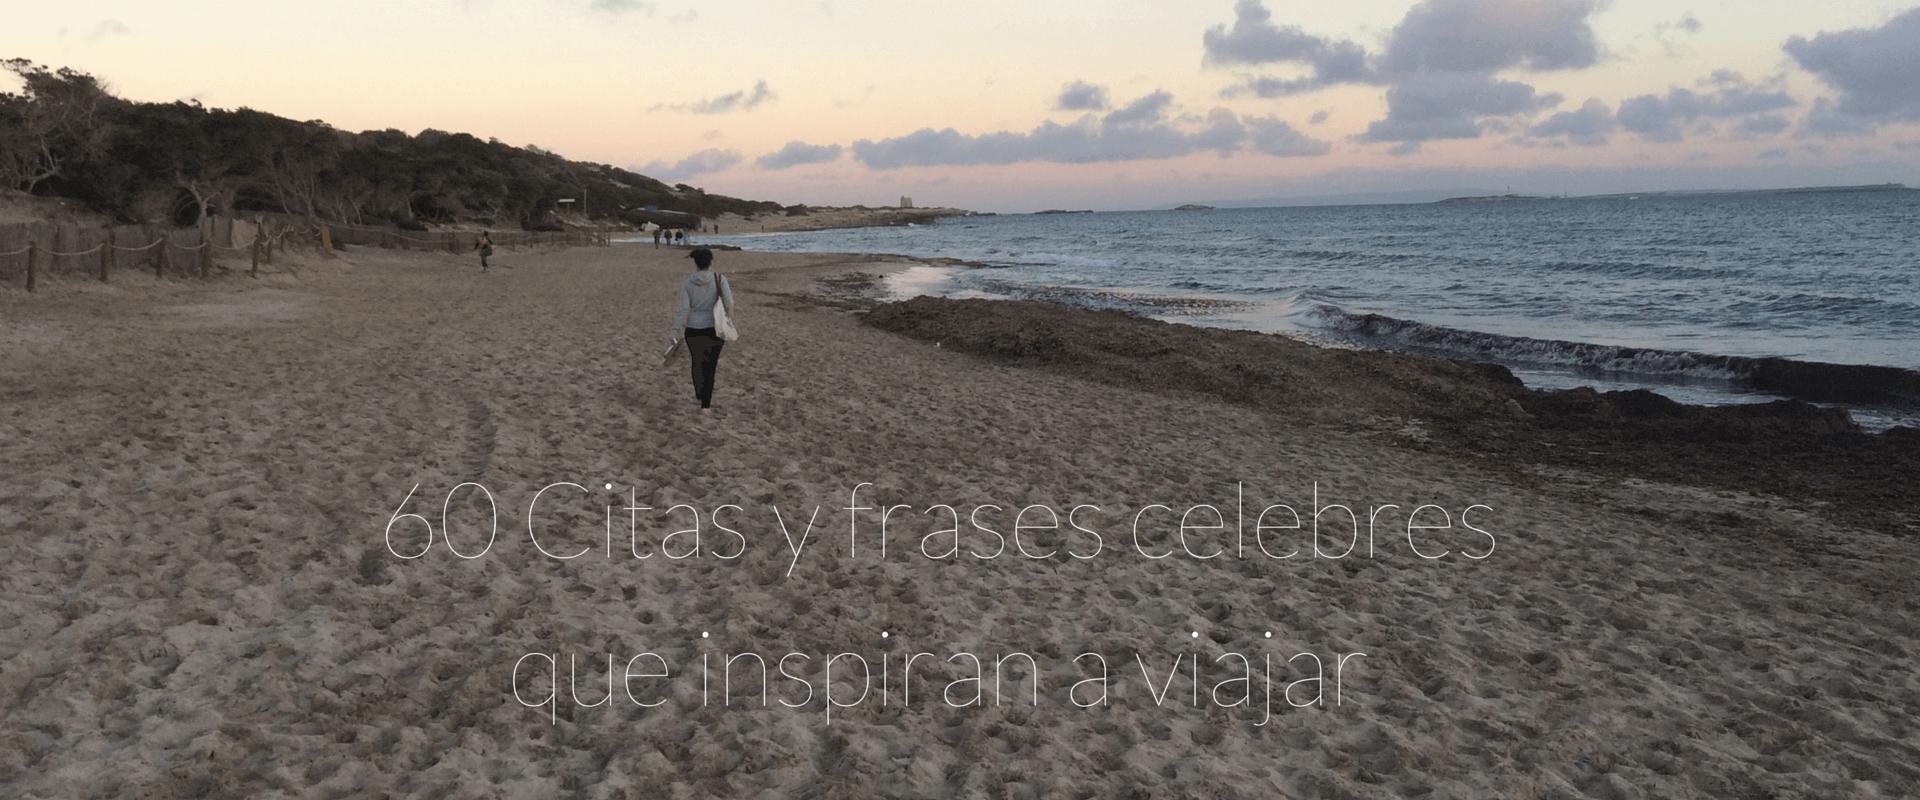 60 Citas Y Frases Celebres Que Inspiran A Viajar I